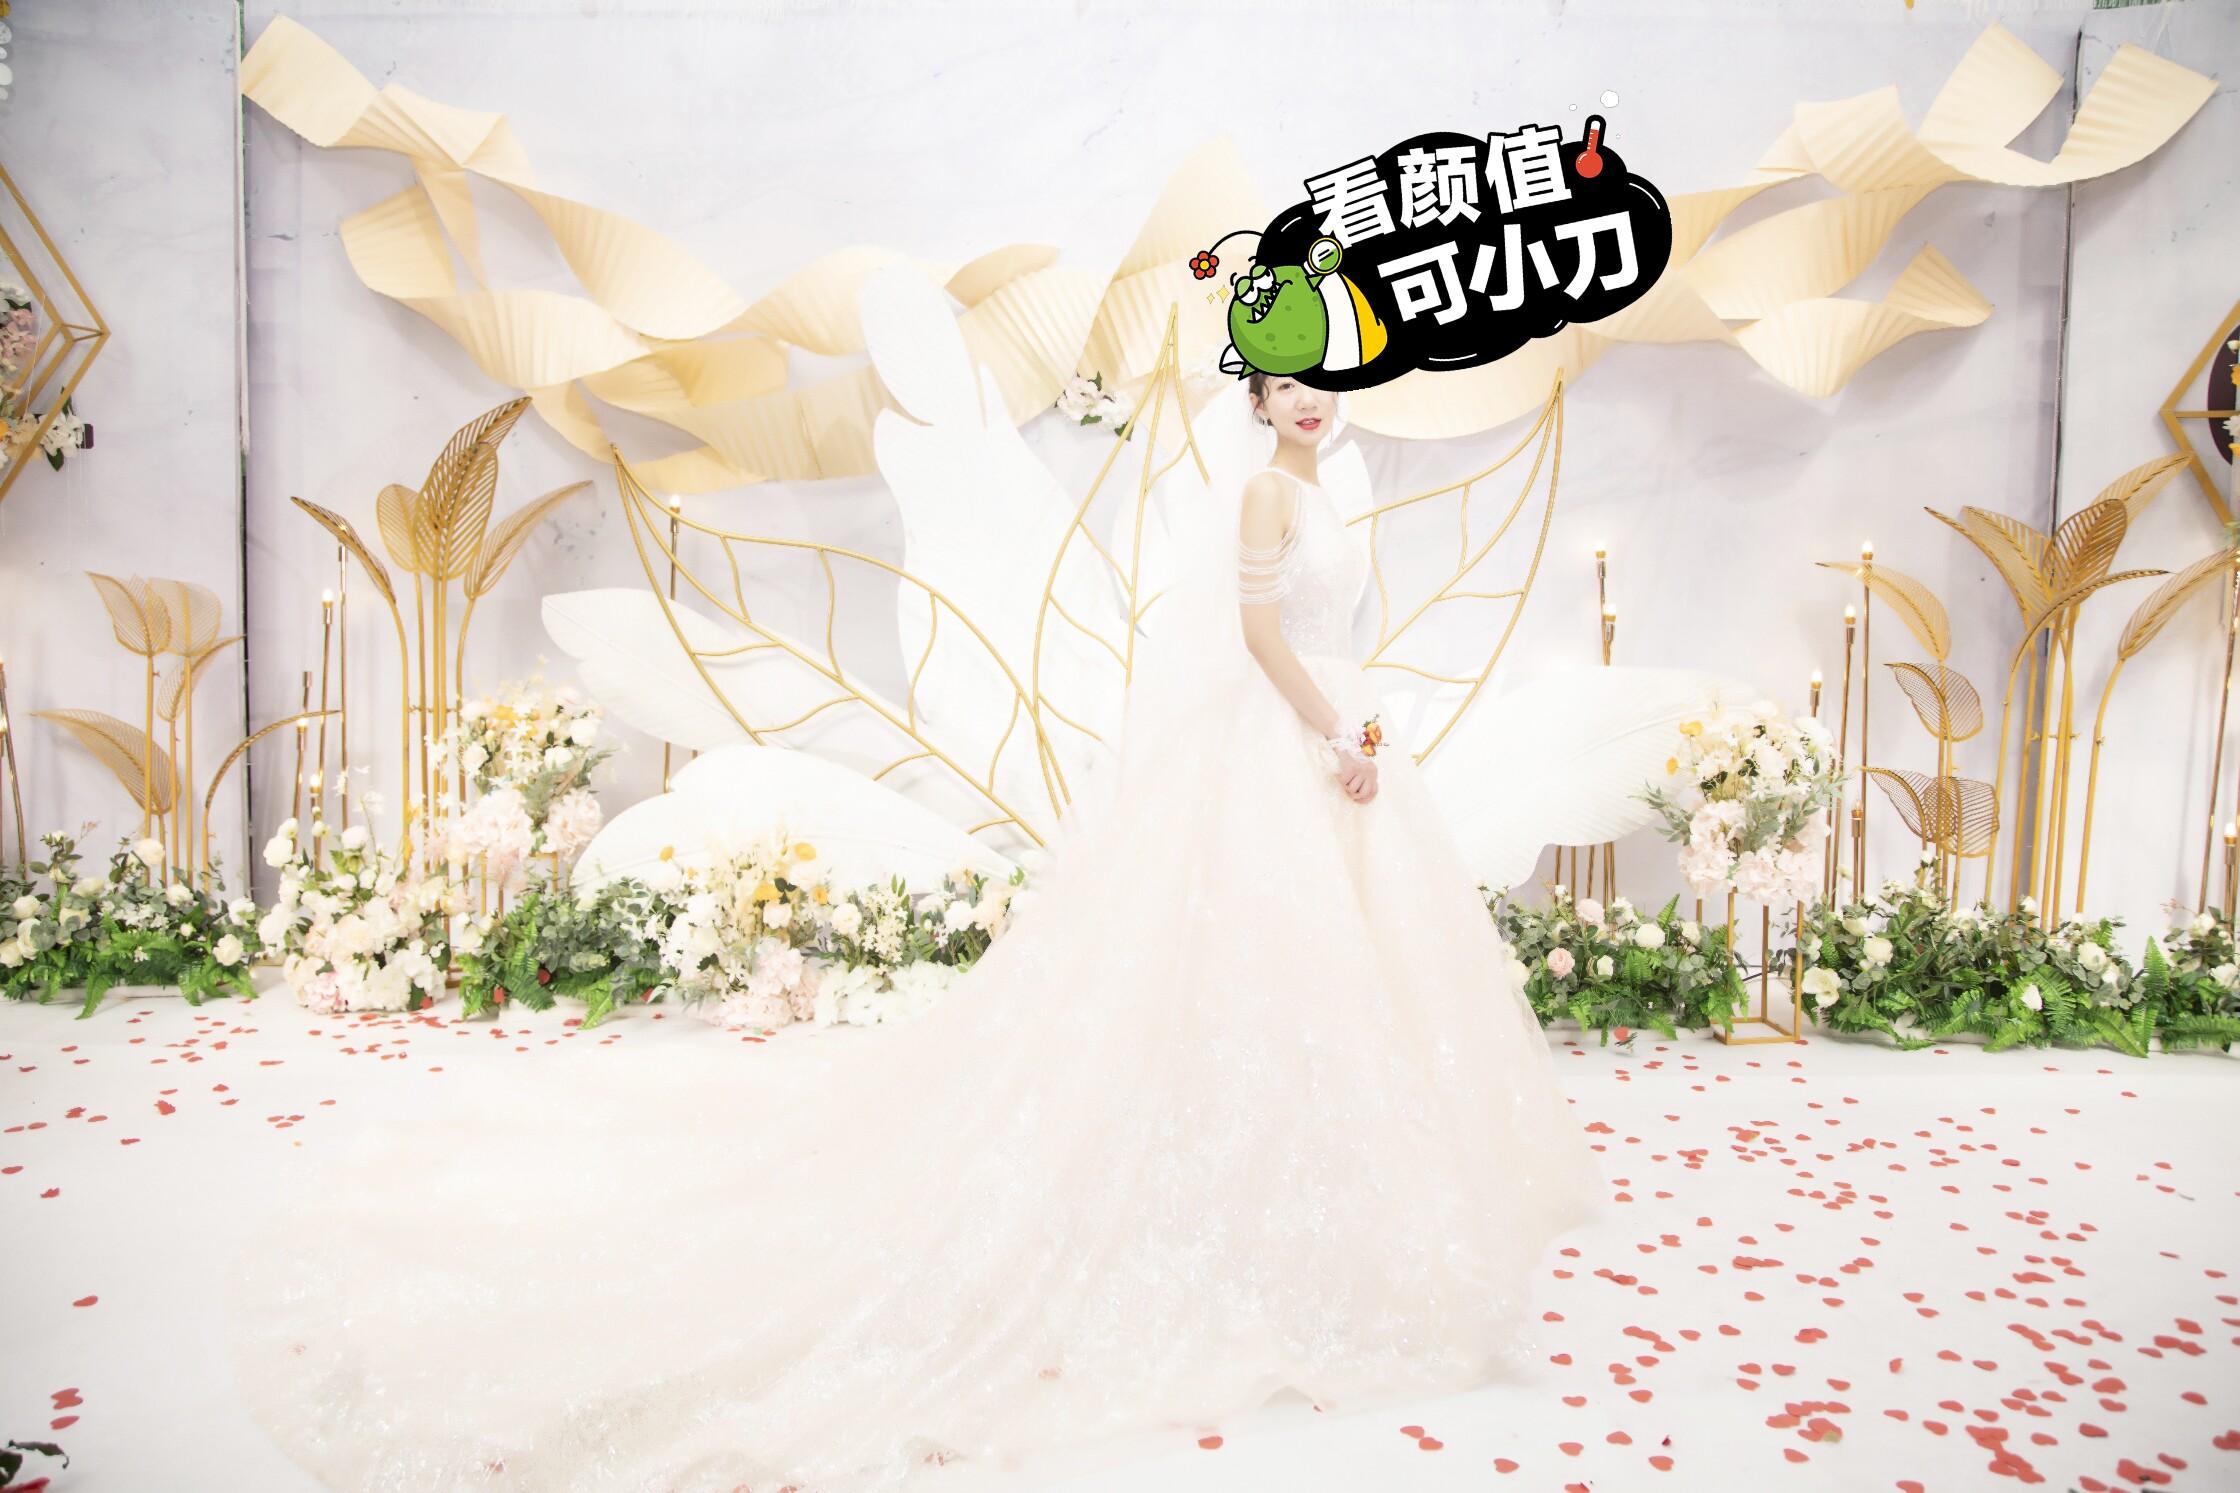 超仙的婚纱带拖尾,很好看的婚纱,本人仅穿过婚礼那半小时,现低